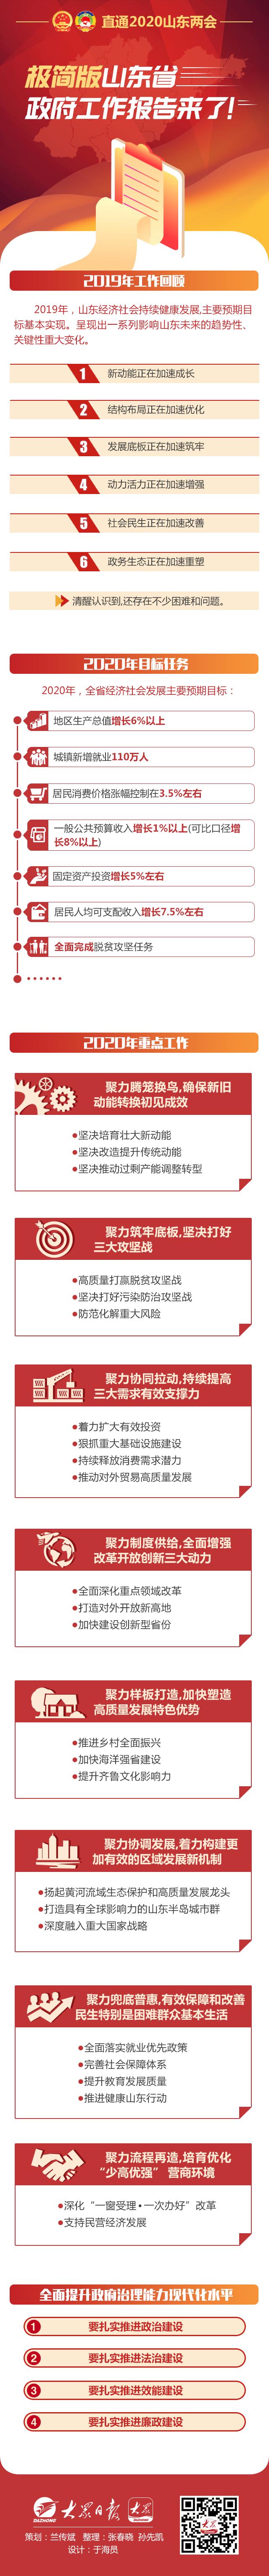 極簡版山東省政府工作報告來了!